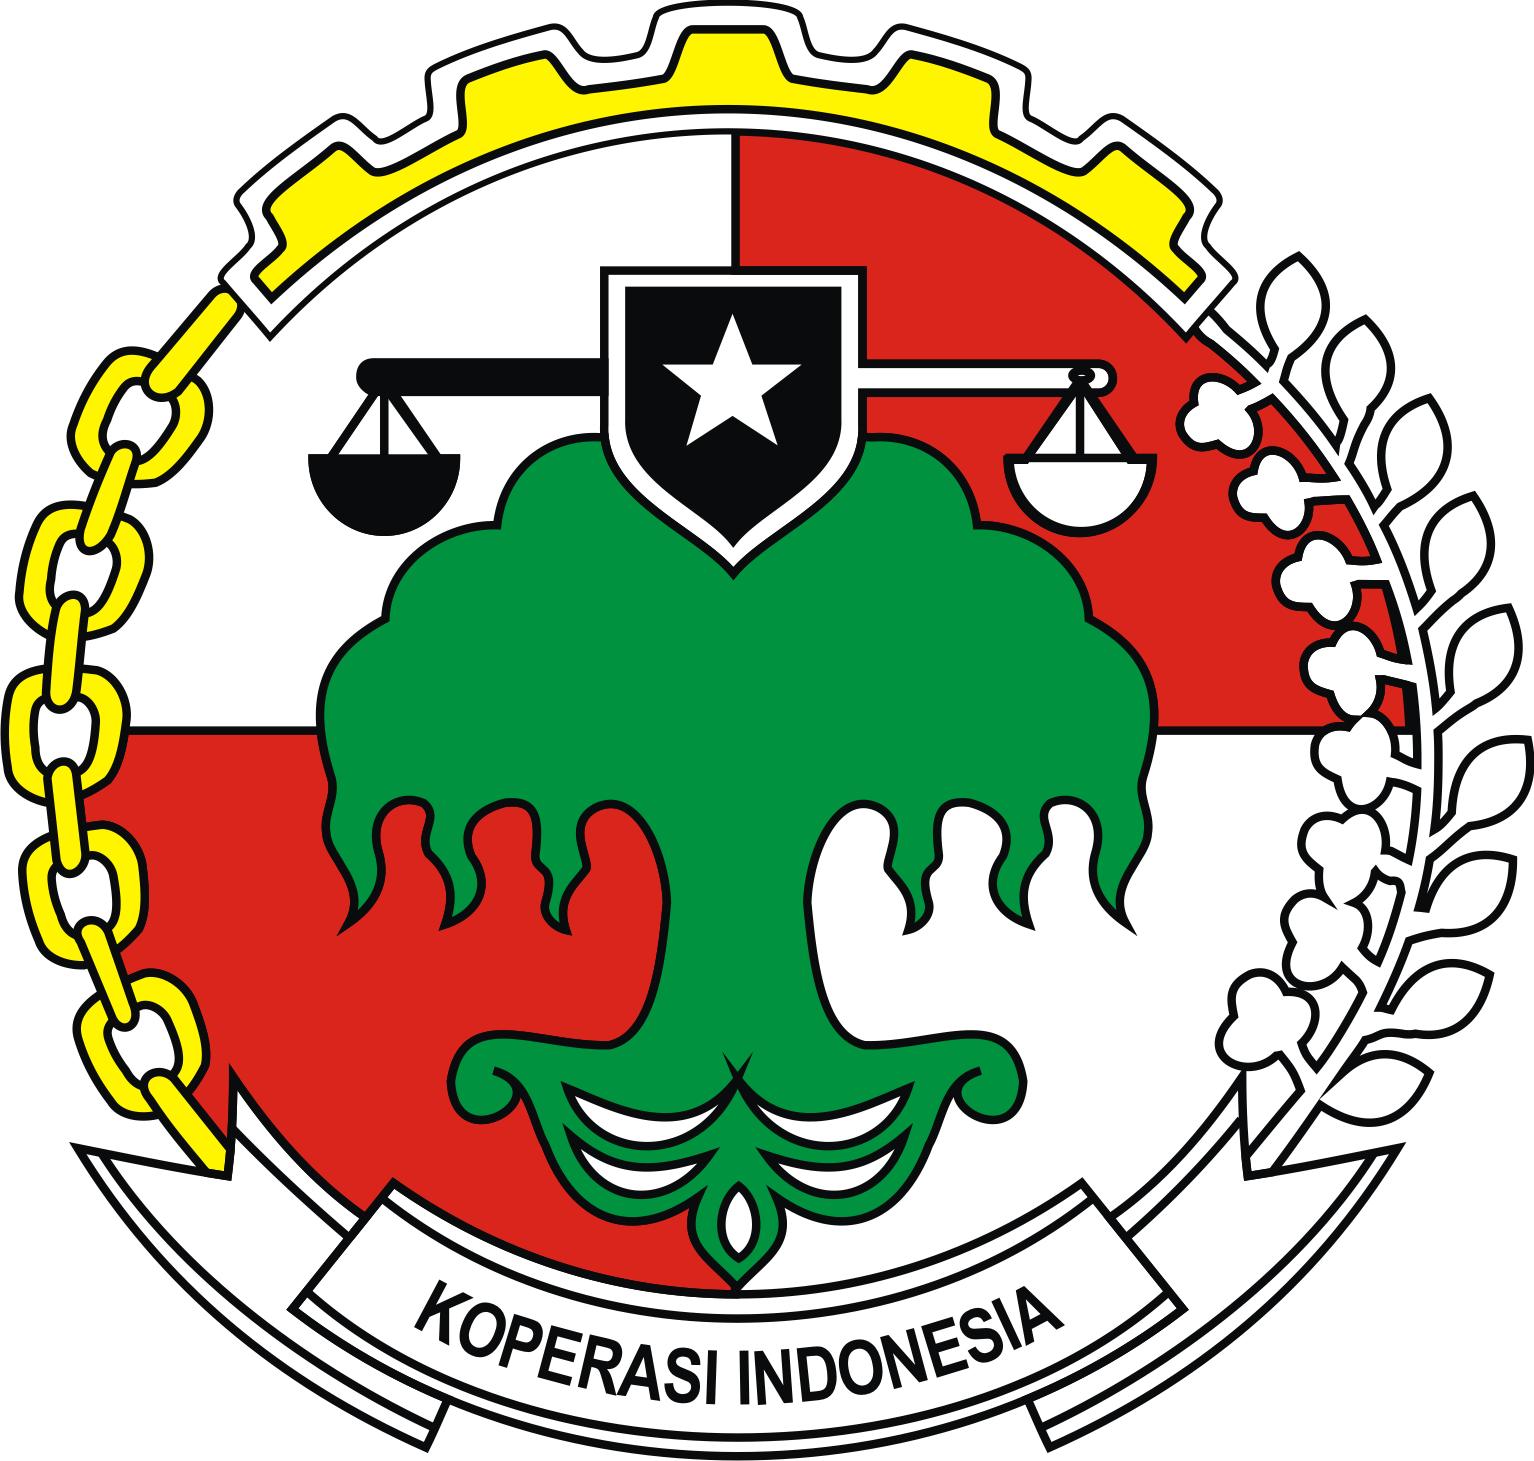 lambang atau logo koperasi lama